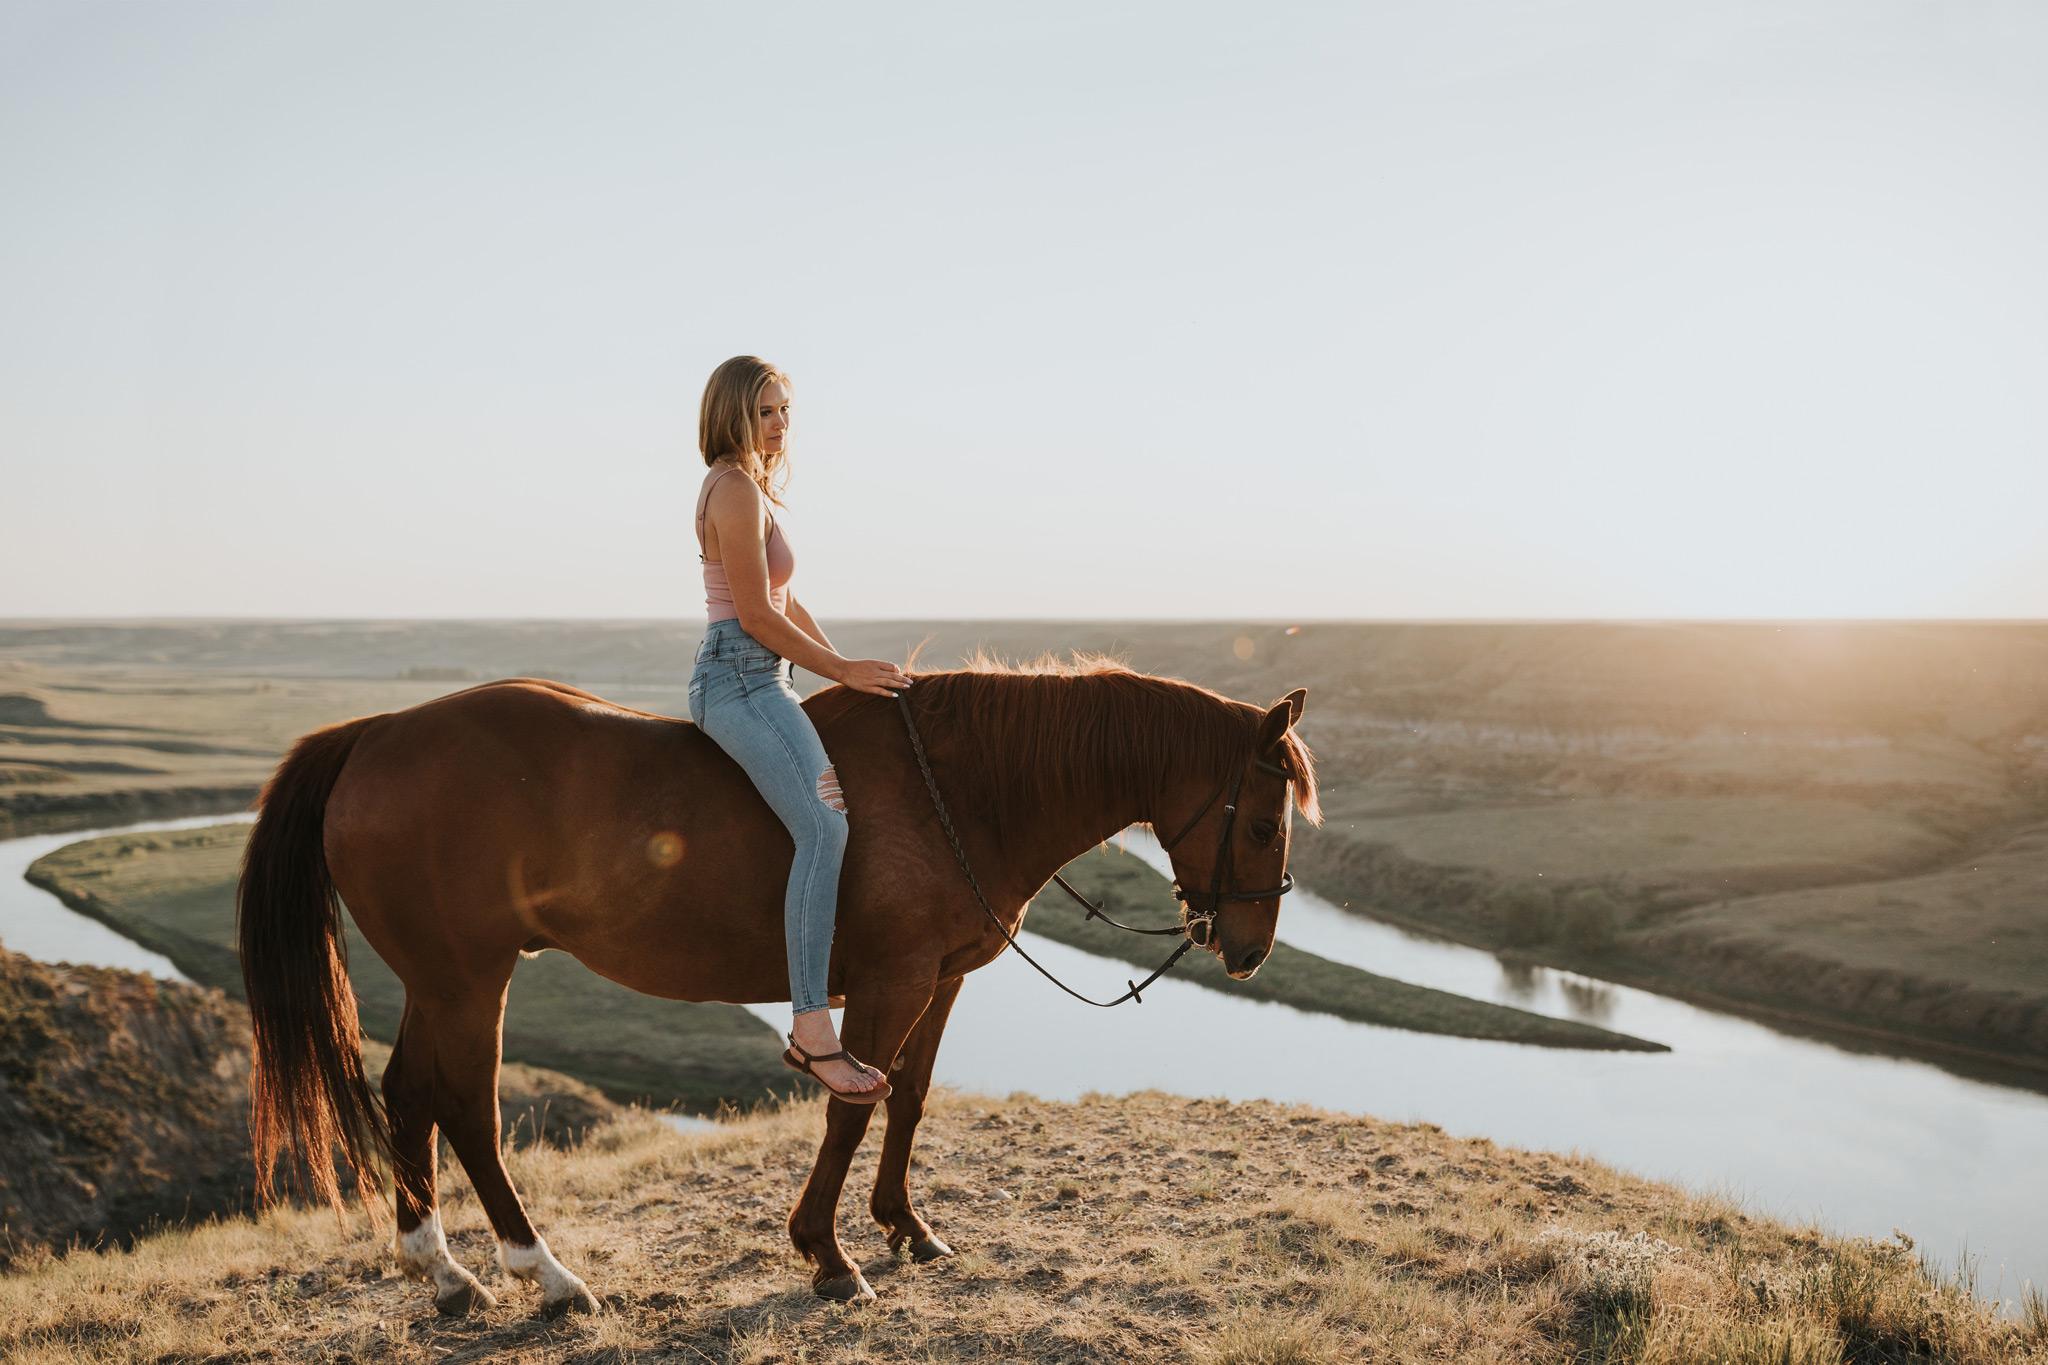 girl riding horse sunset lens flare